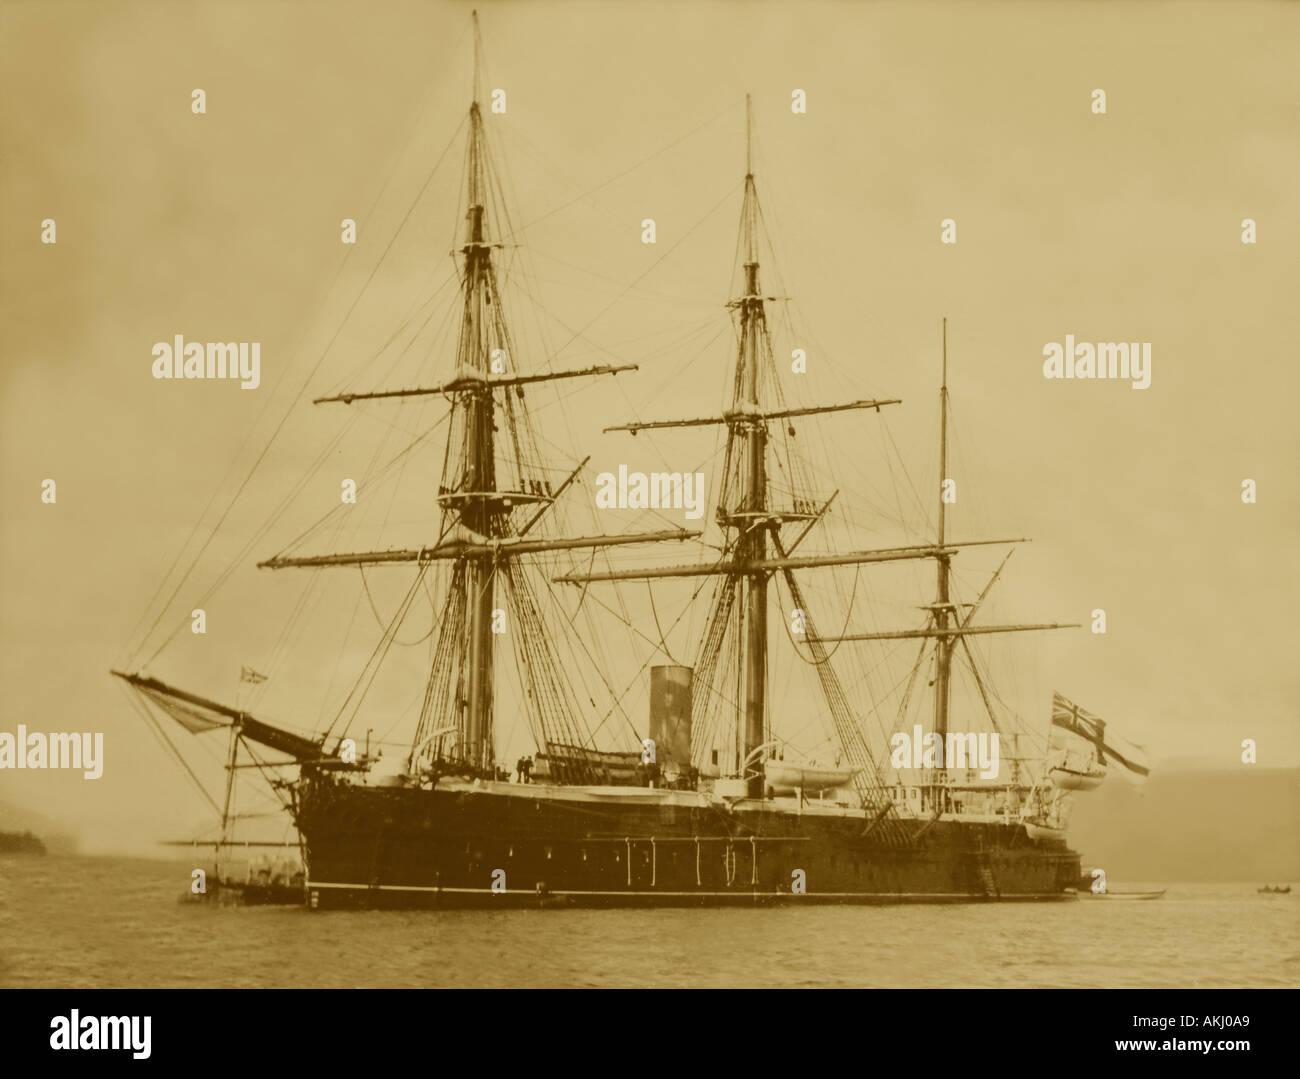 UK Schottland Firth of Clyde die königliche Marine Kriegsschiff HMS Shannon aus Greenock während des 1890 s Stockbild